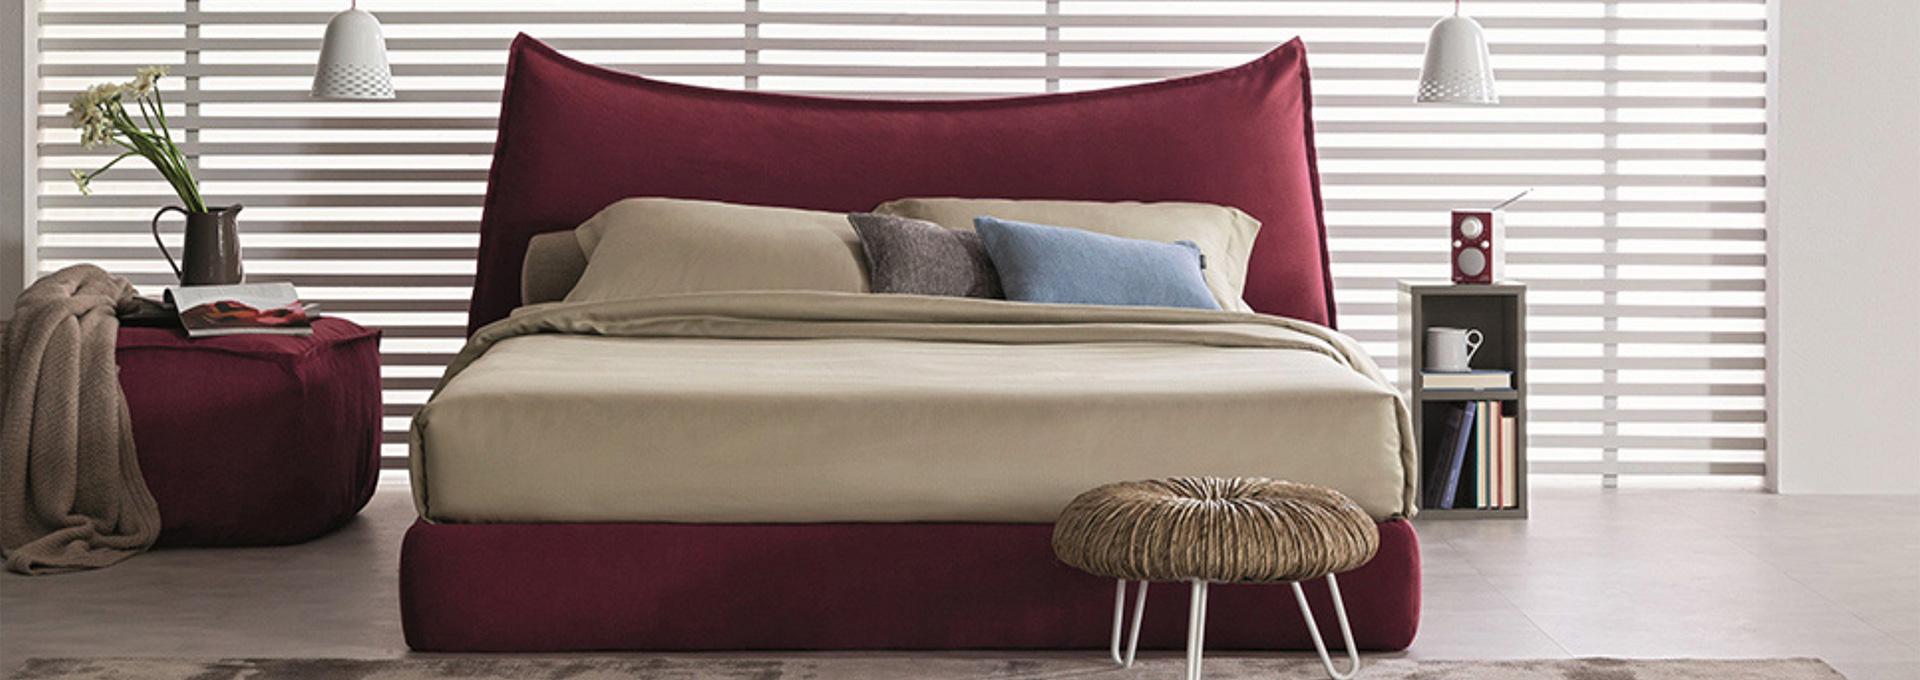 Mobili per camere da letto camerette provincia milano for Arredamenti varese e provincia